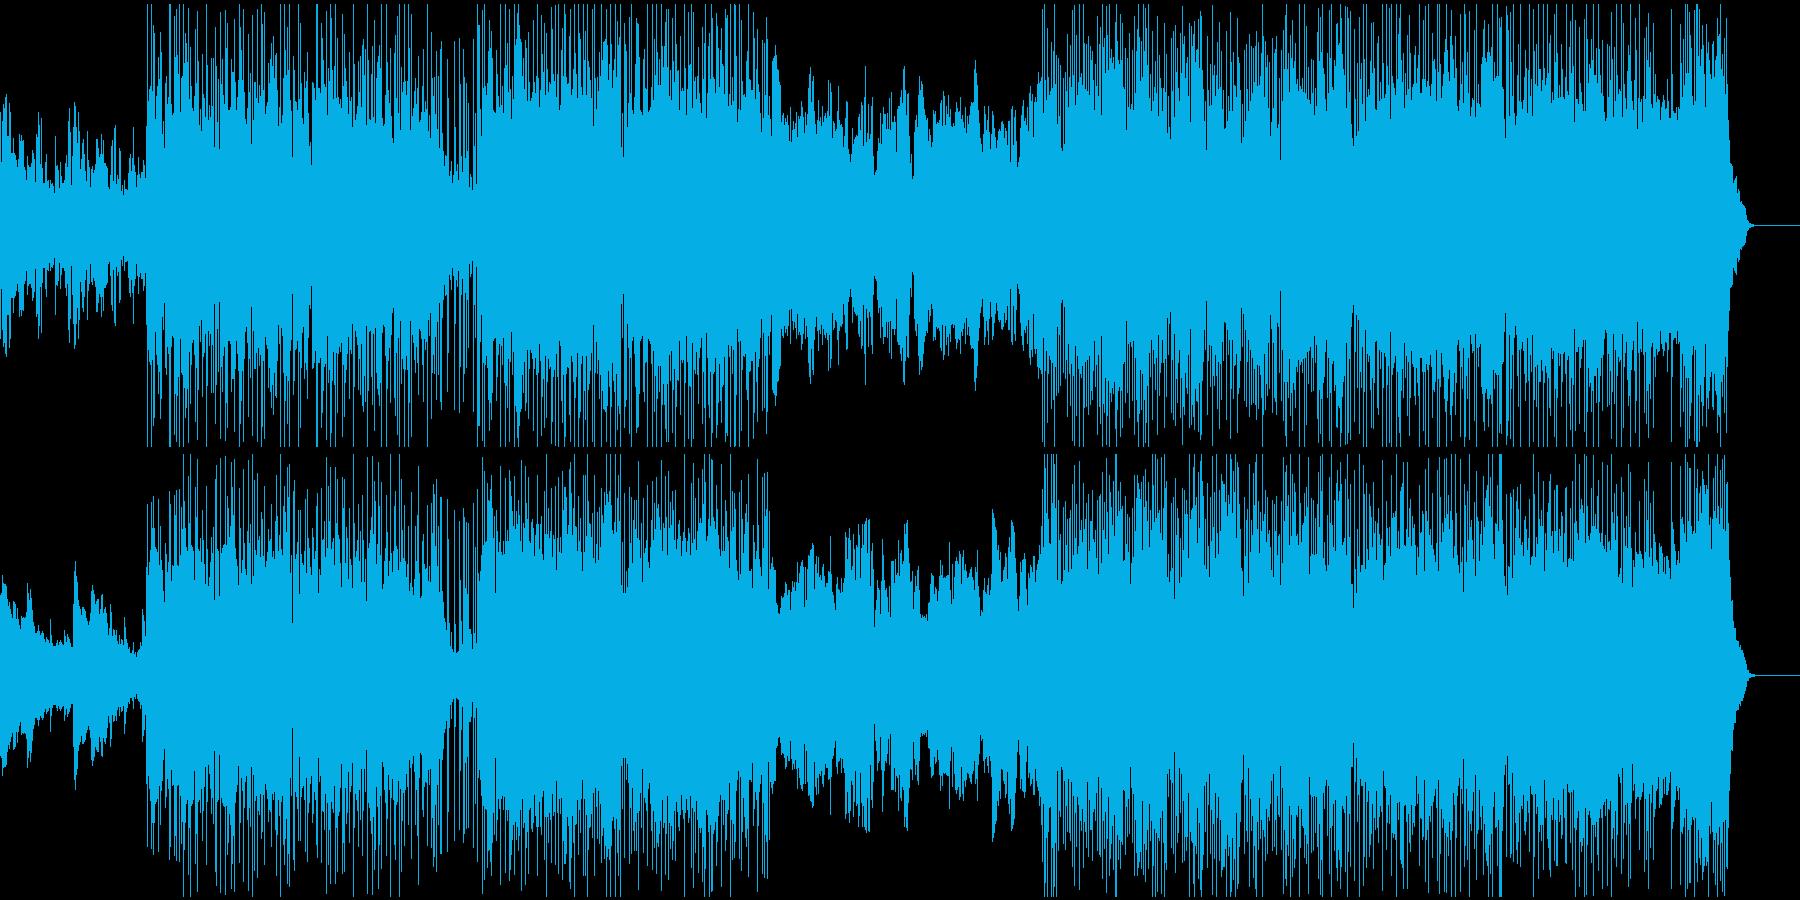 太古の遺跡を彷彿とさせるBGMの再生済みの波形